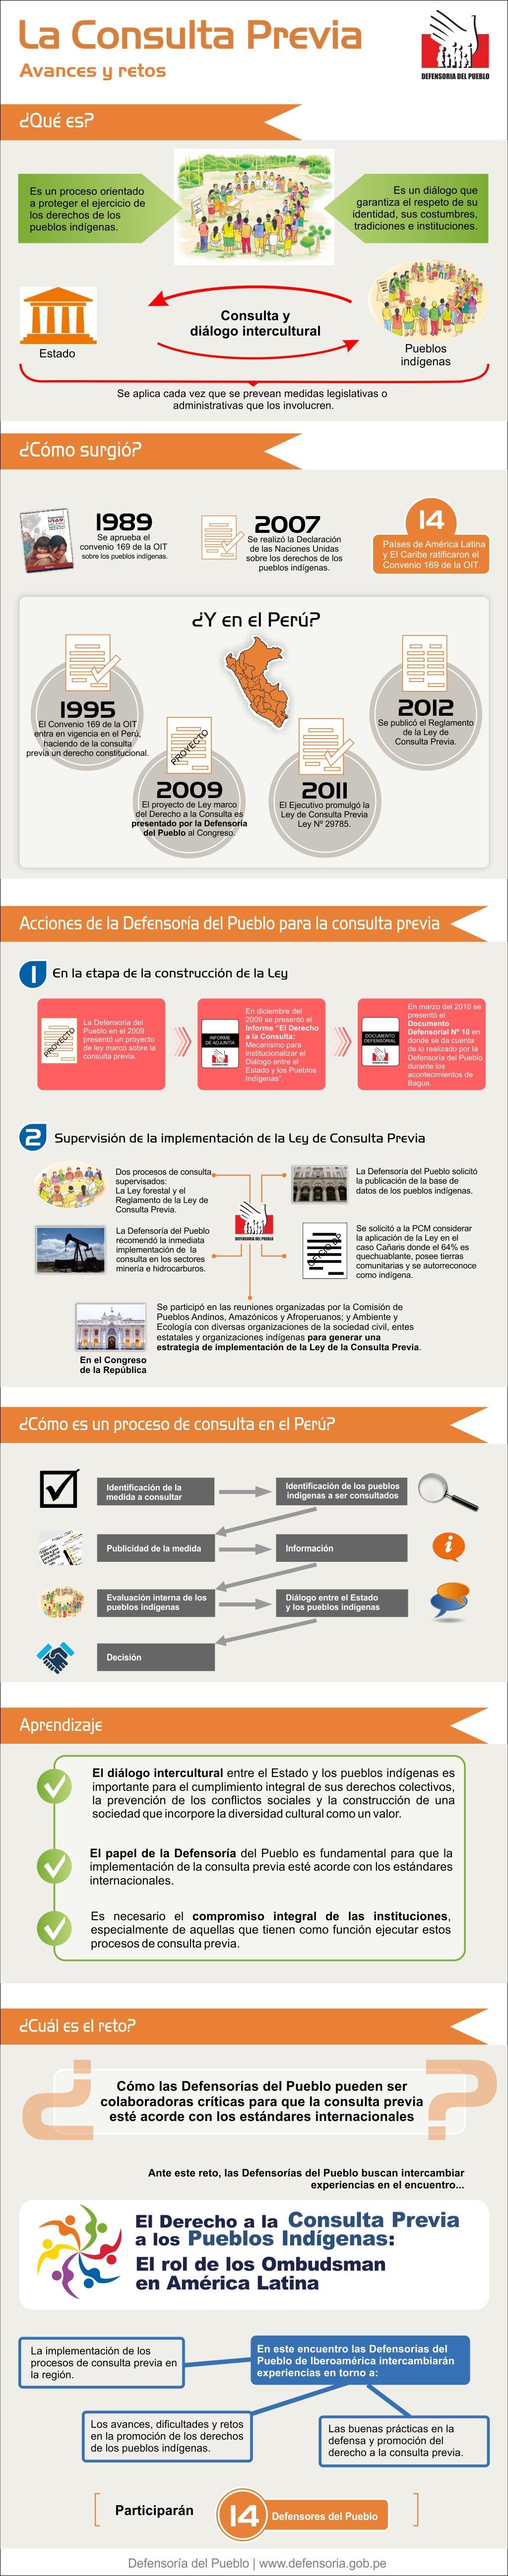 Infografía: Ley de Consulta Previa, avances y retos